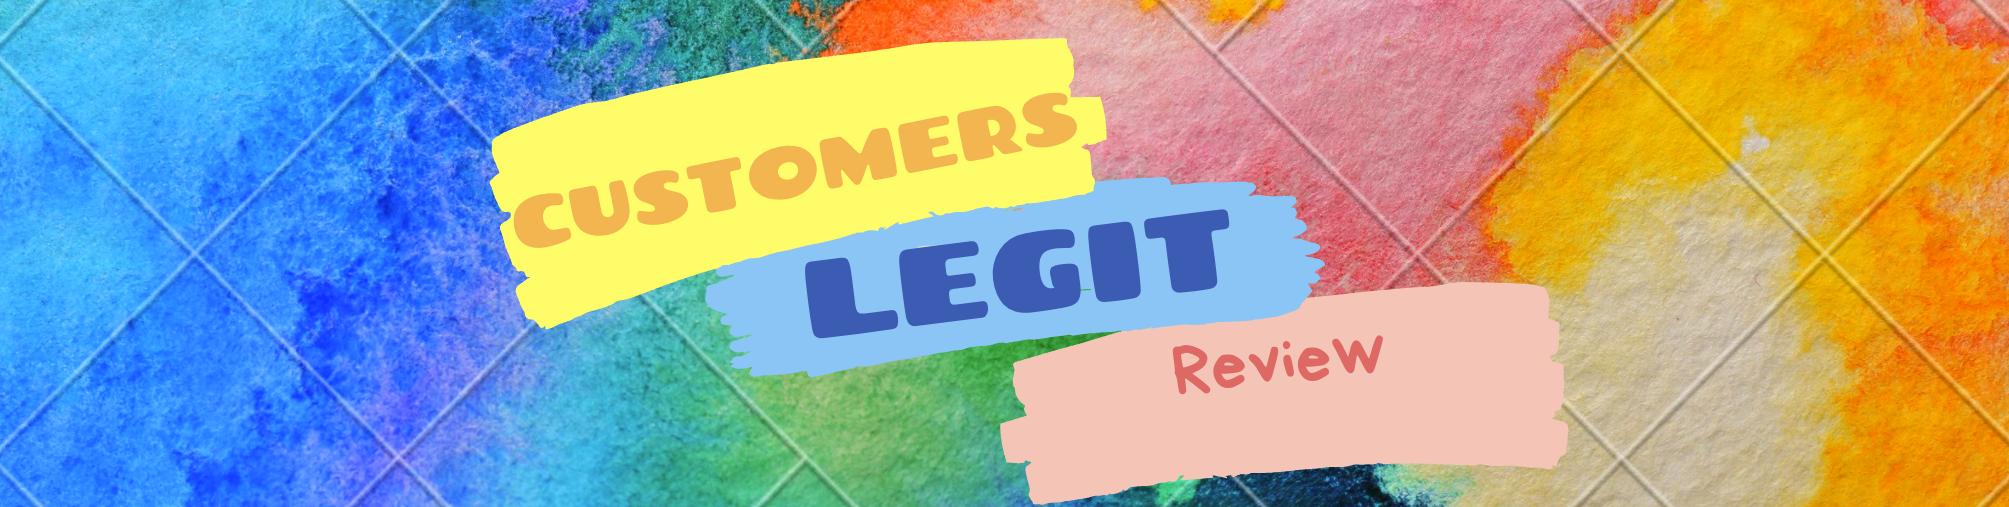 Customers Legit Review